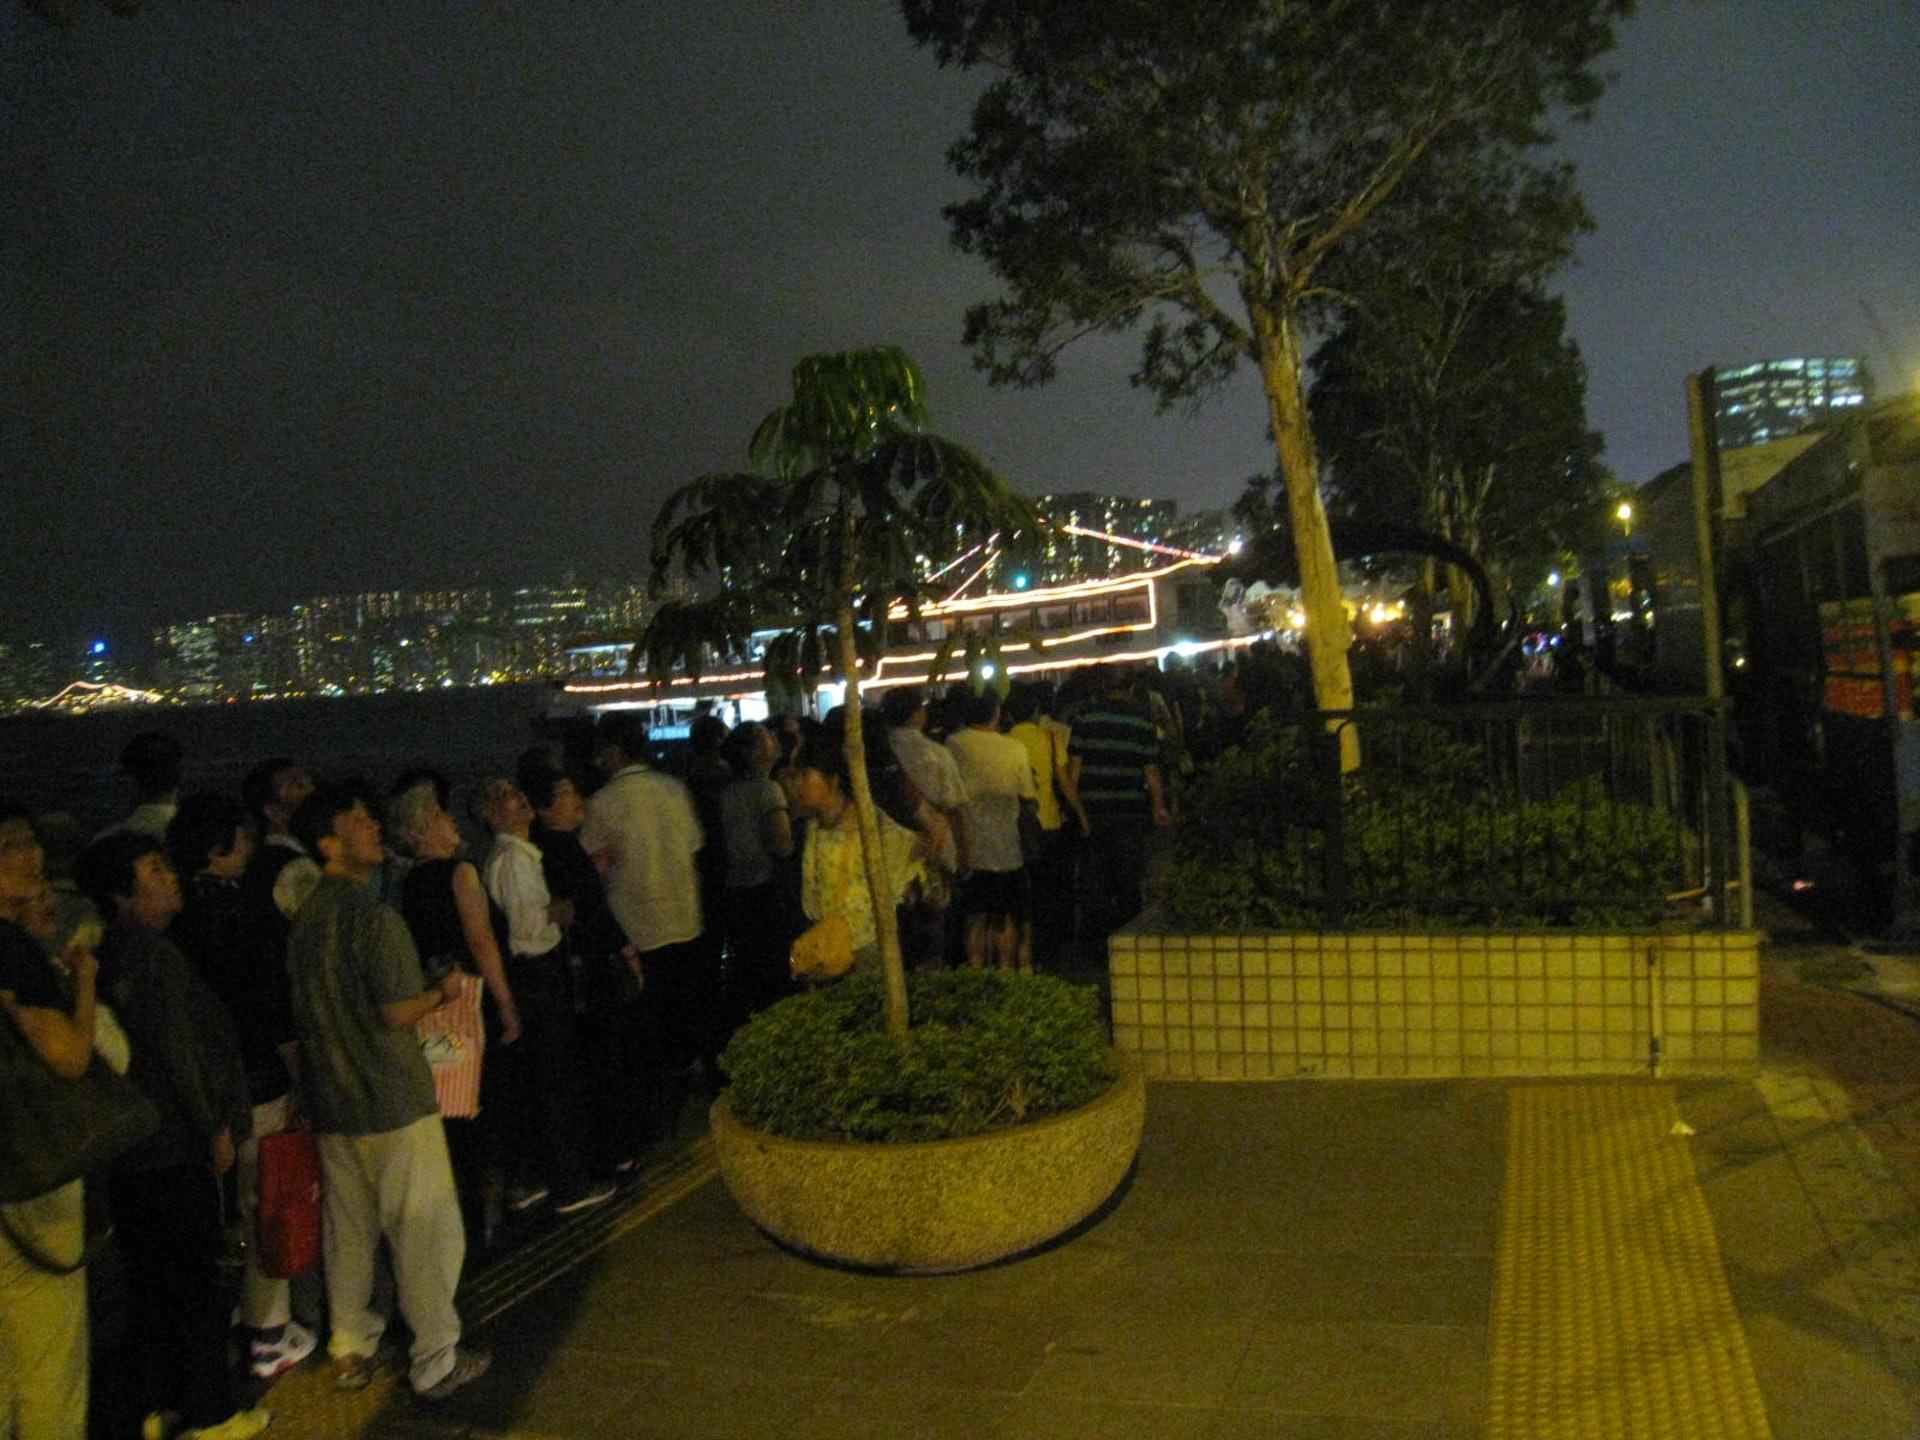 景雲街公眾登岸梯級旁的休憩小徑長期被大批旅客佔用。(九龍城區區議員潘國華提供)